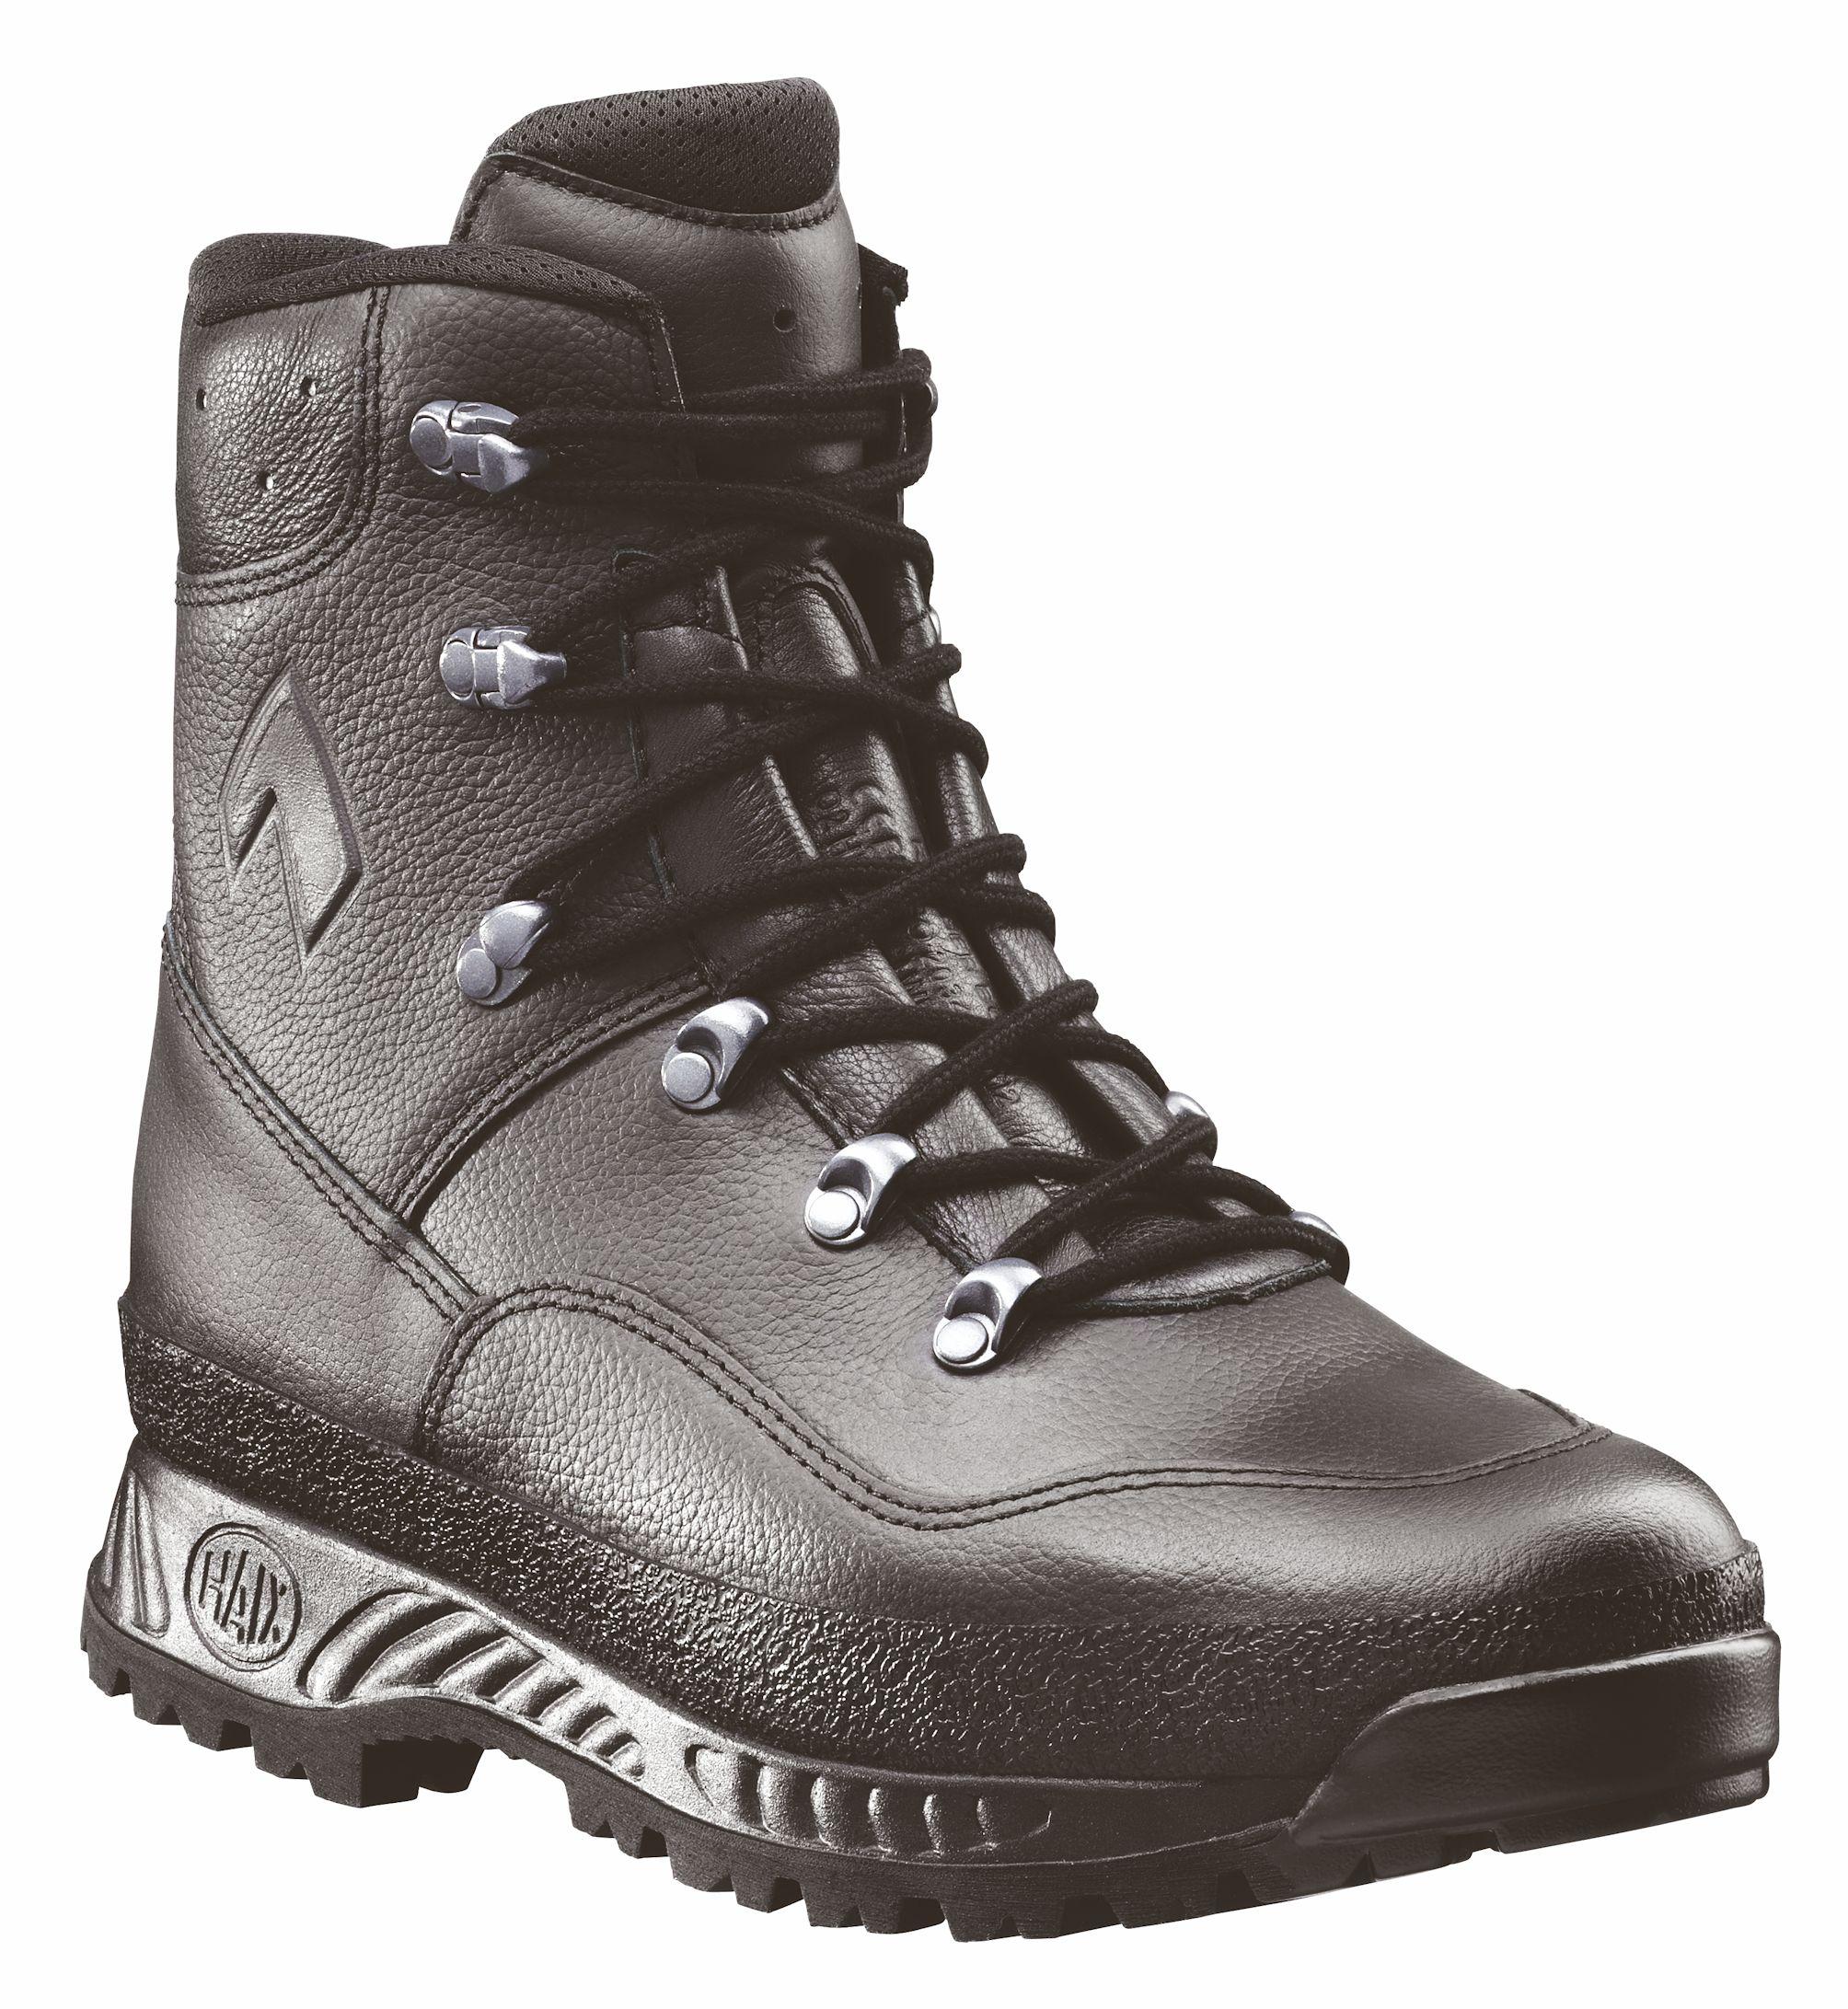 HAIX wasserdichte Ranger BGS  Uomo wasserdichte HAIX Gore-Tex-Polizei-Boot 699cb2